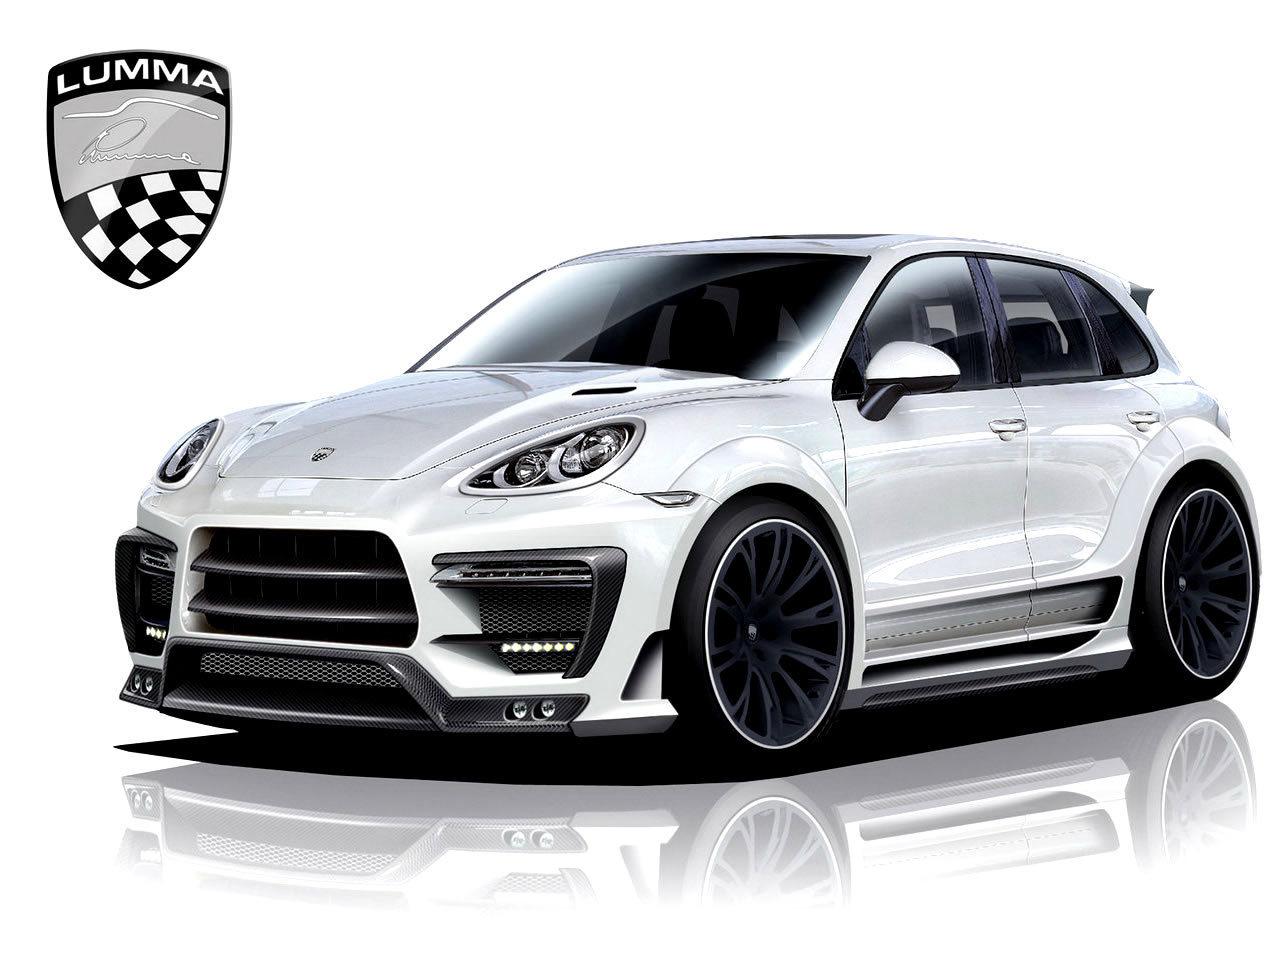 Porsche Cayenne Clr 550 Gt By Lumma Design Porsche Wallpaper 14334948 Fanpop